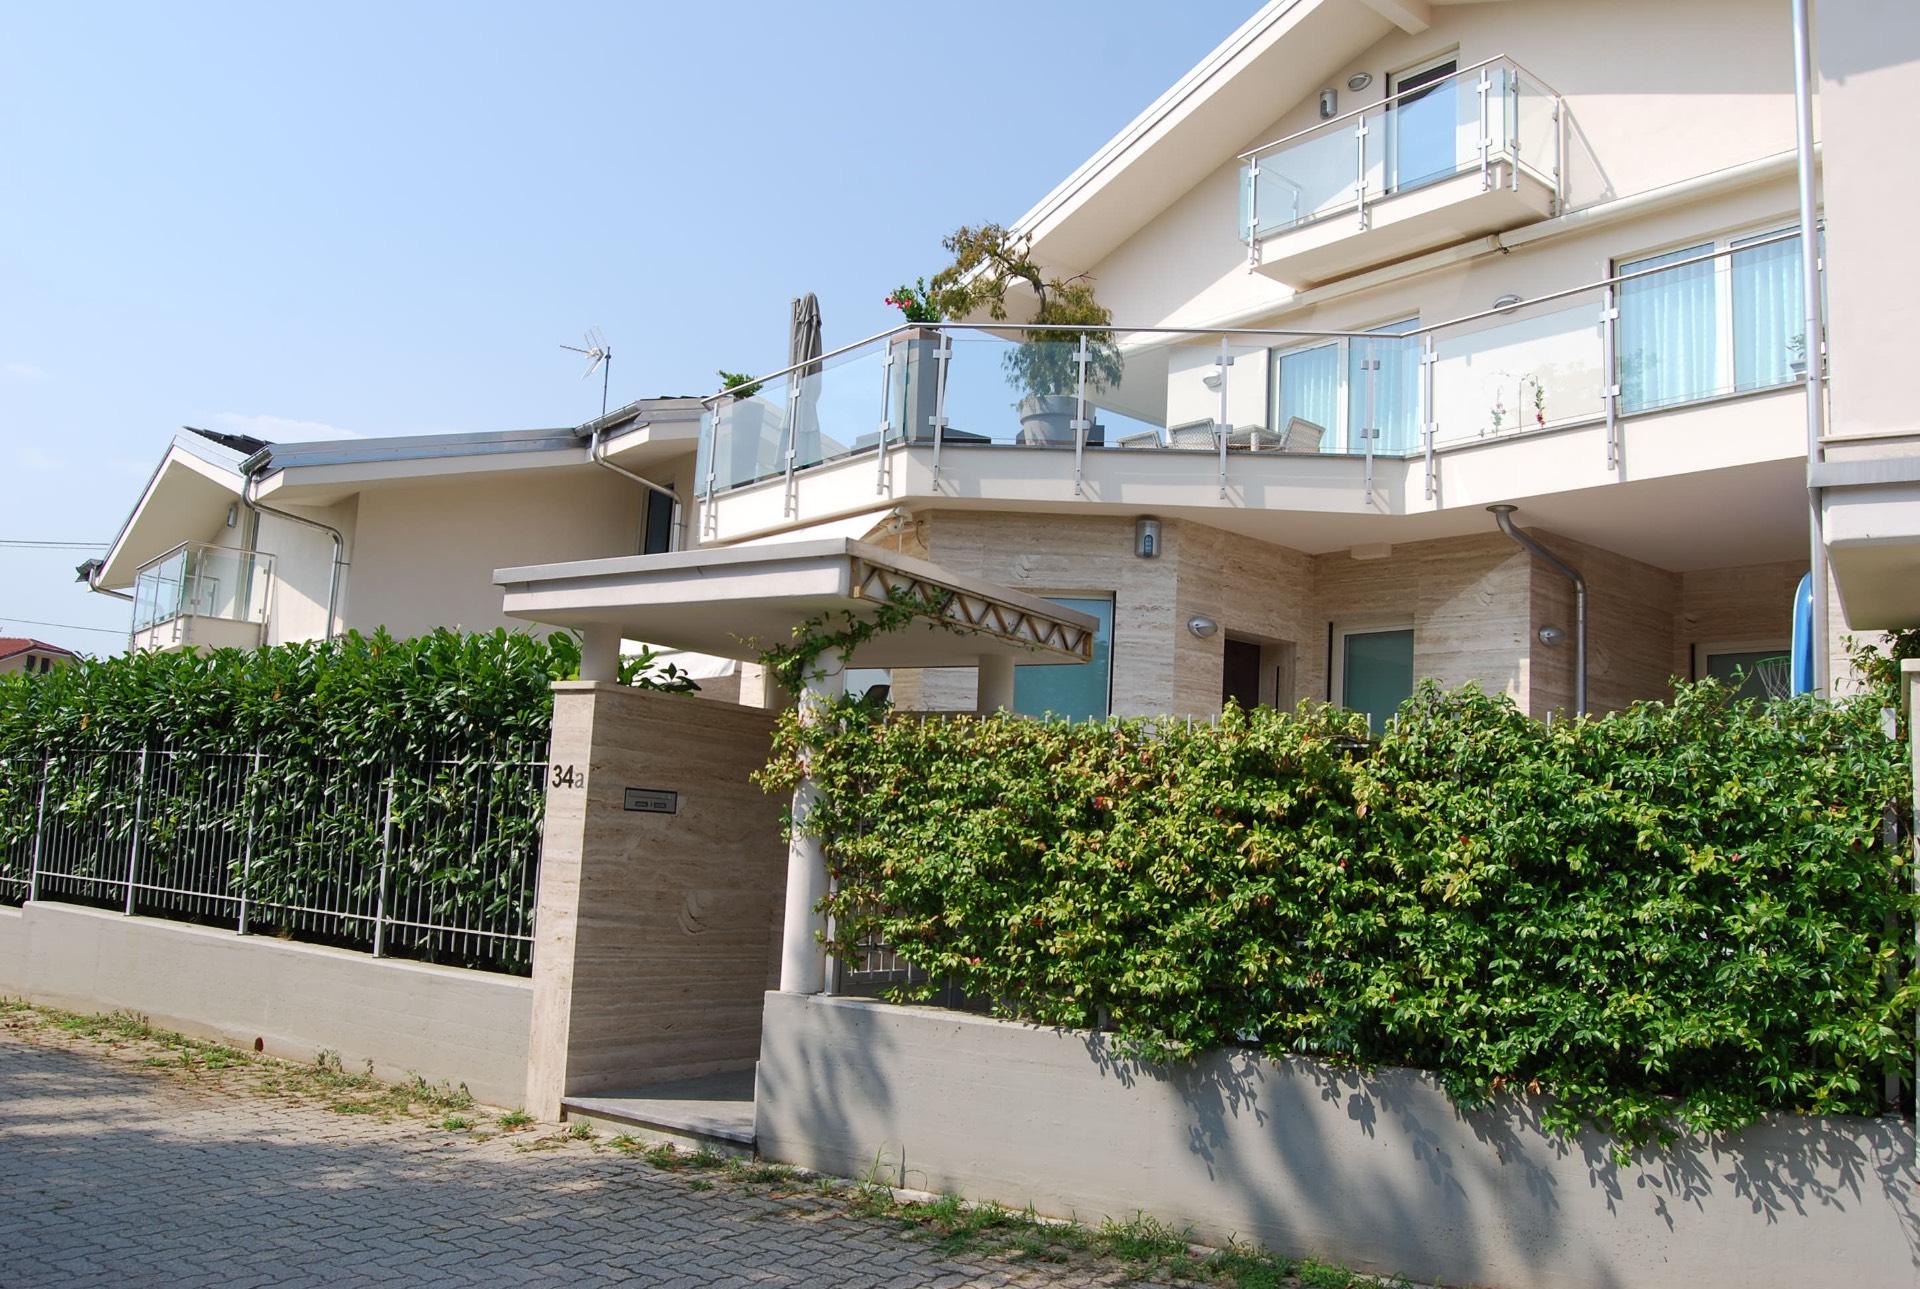 Appartamento in affitto a Rivalta di Torino, 5 locali, zona Località: Centro, prezzo € 780 | PortaleAgenzieImmobiliari.it